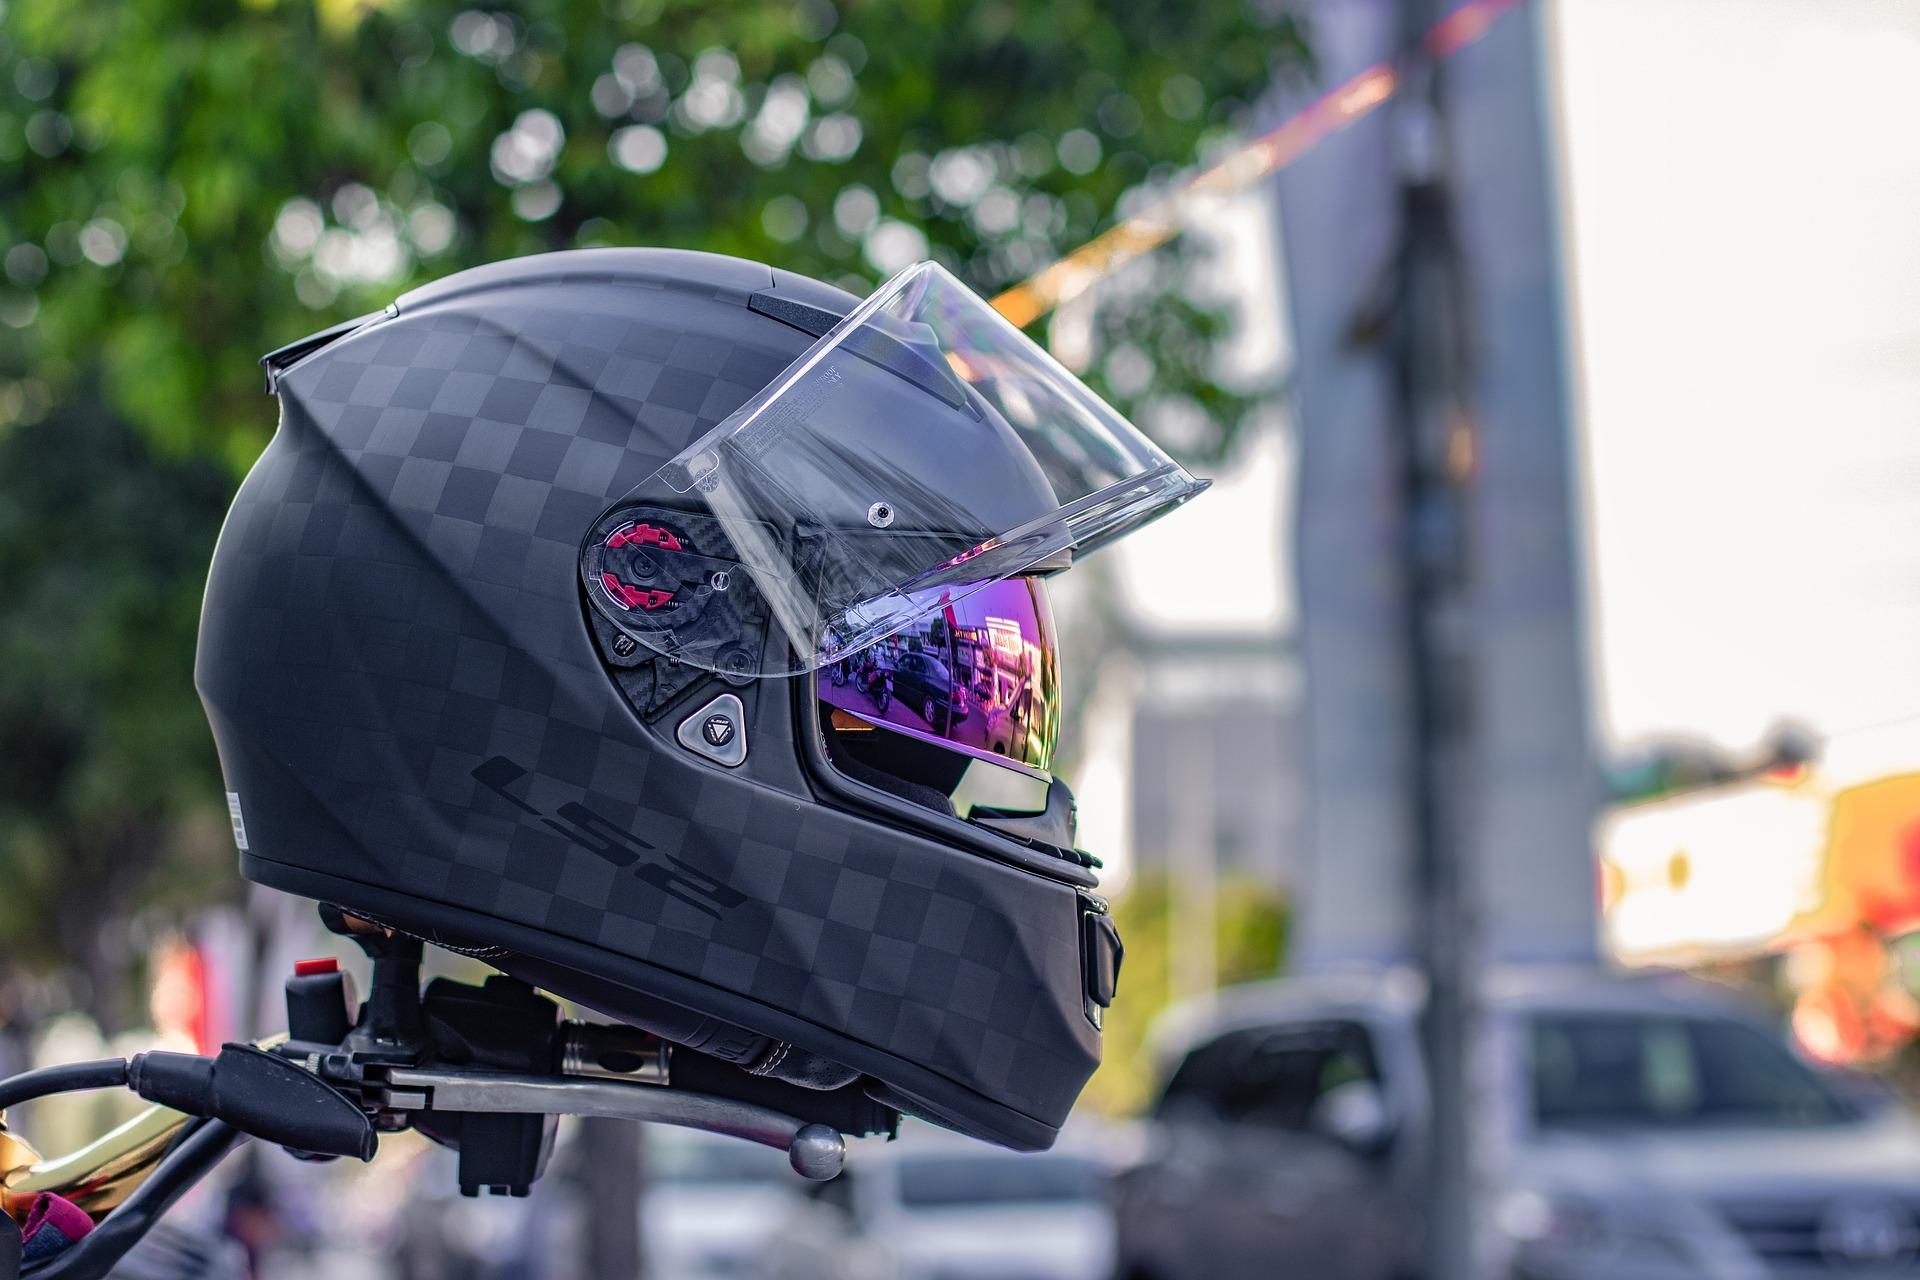 Helm hängt auf Lenker